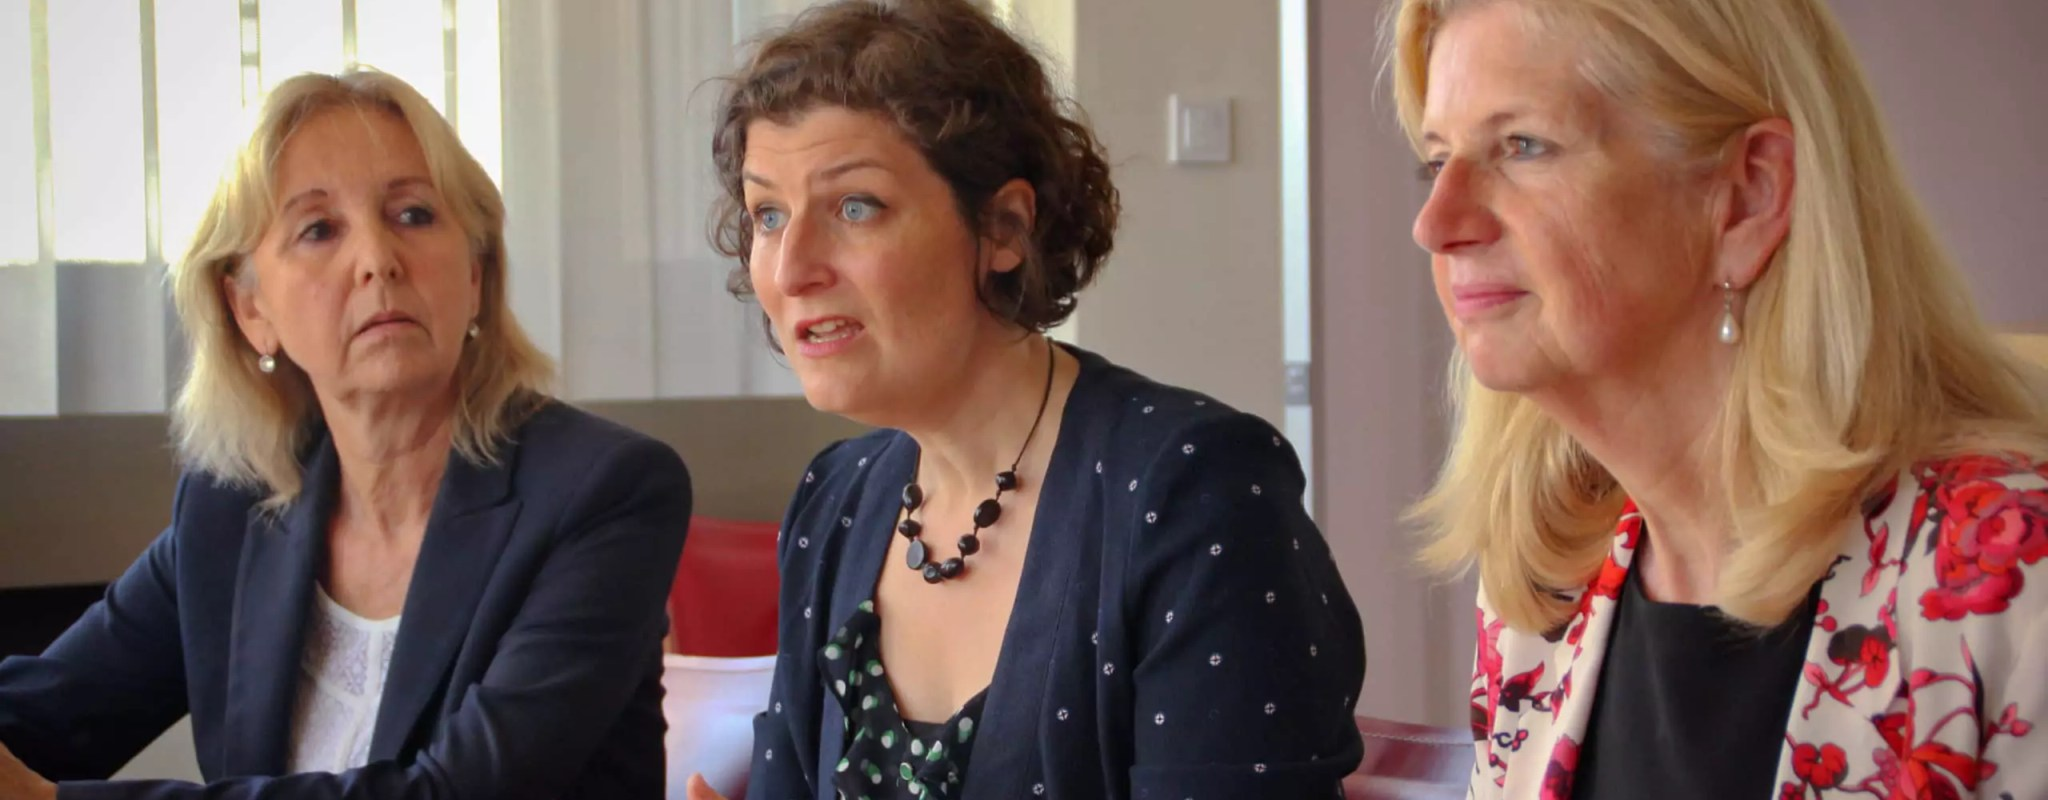 Présidence de l'Eurométropole : Jeanne Barseghian et Danielle Dambach soutiennent Pia Imbs, maire de Holtzheim